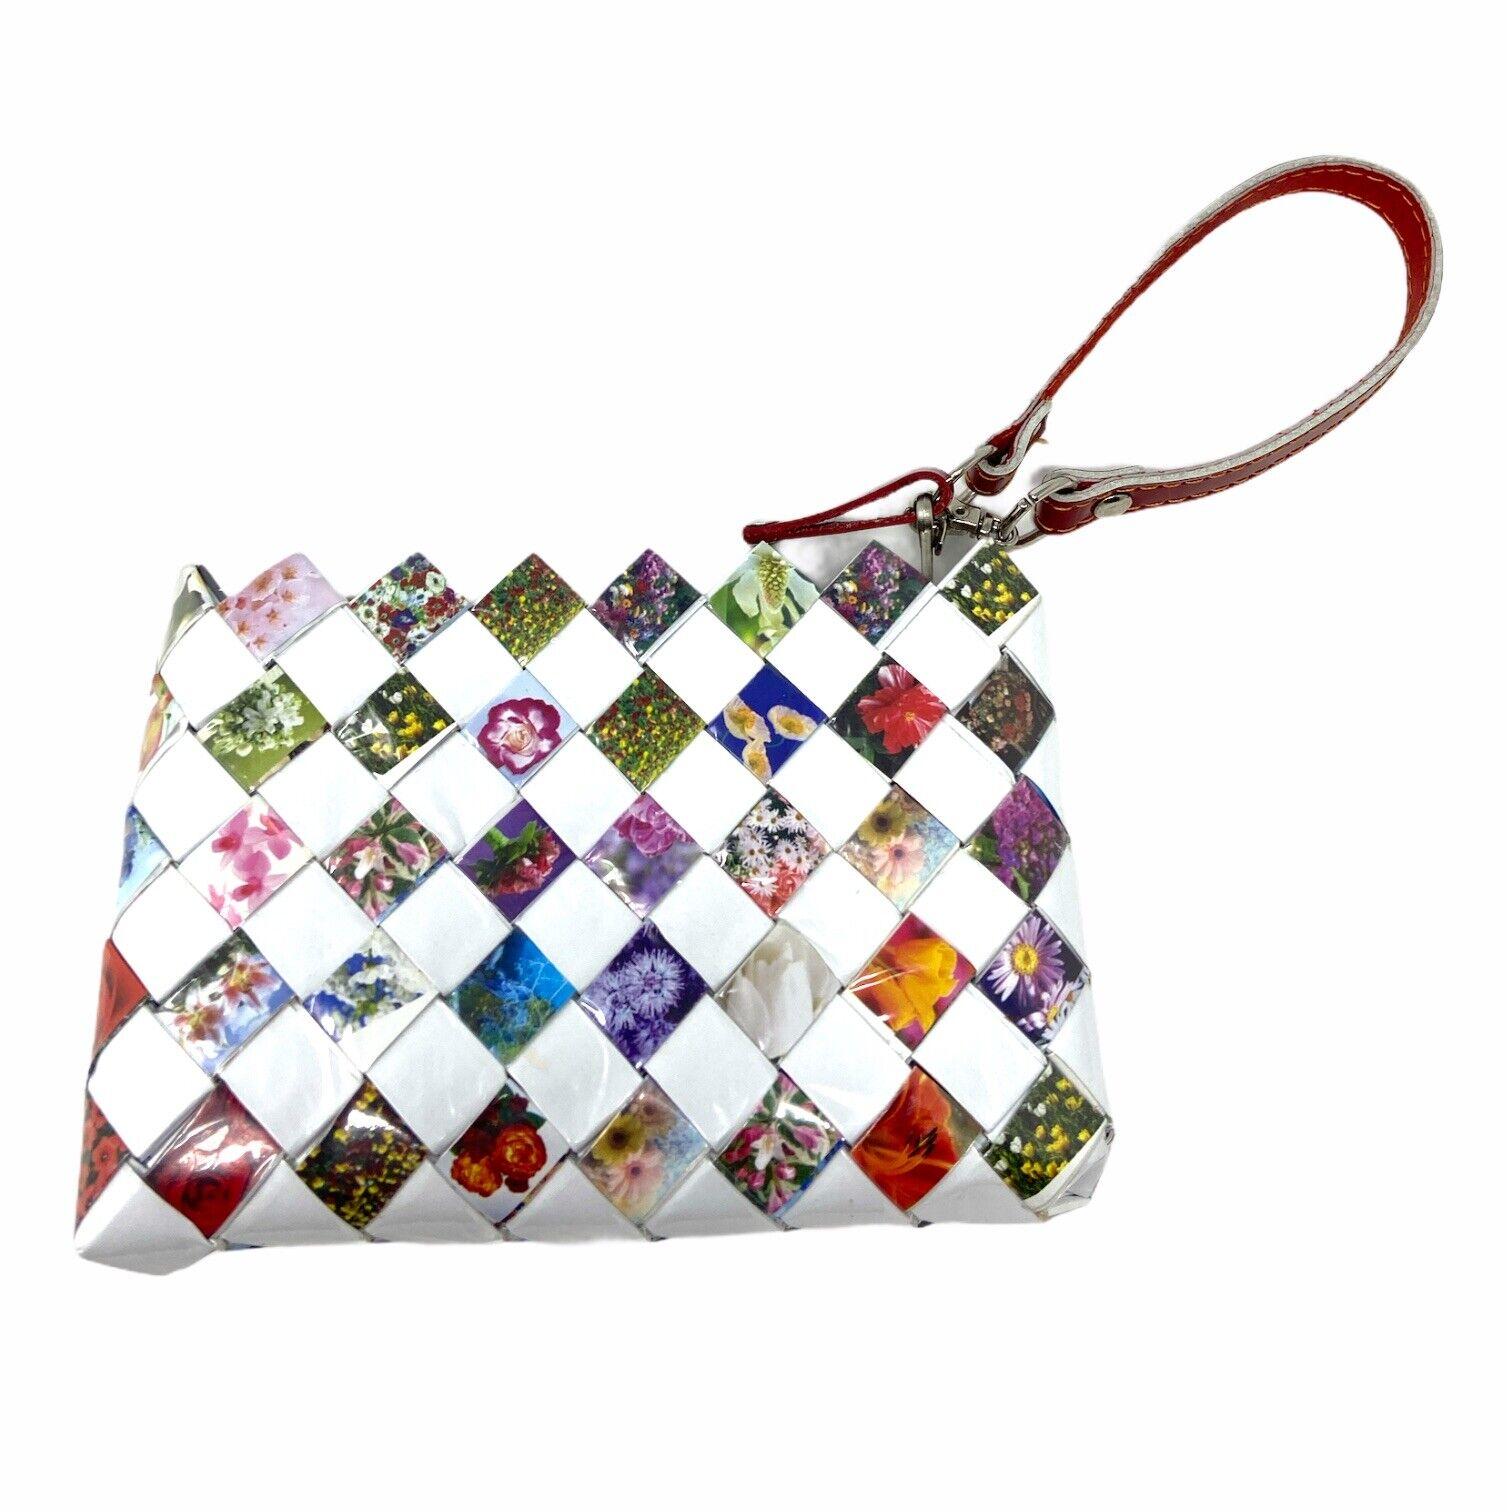 Nahui Ollin Small Multi Color Floral Wrapper Wristlet Zipper Purse